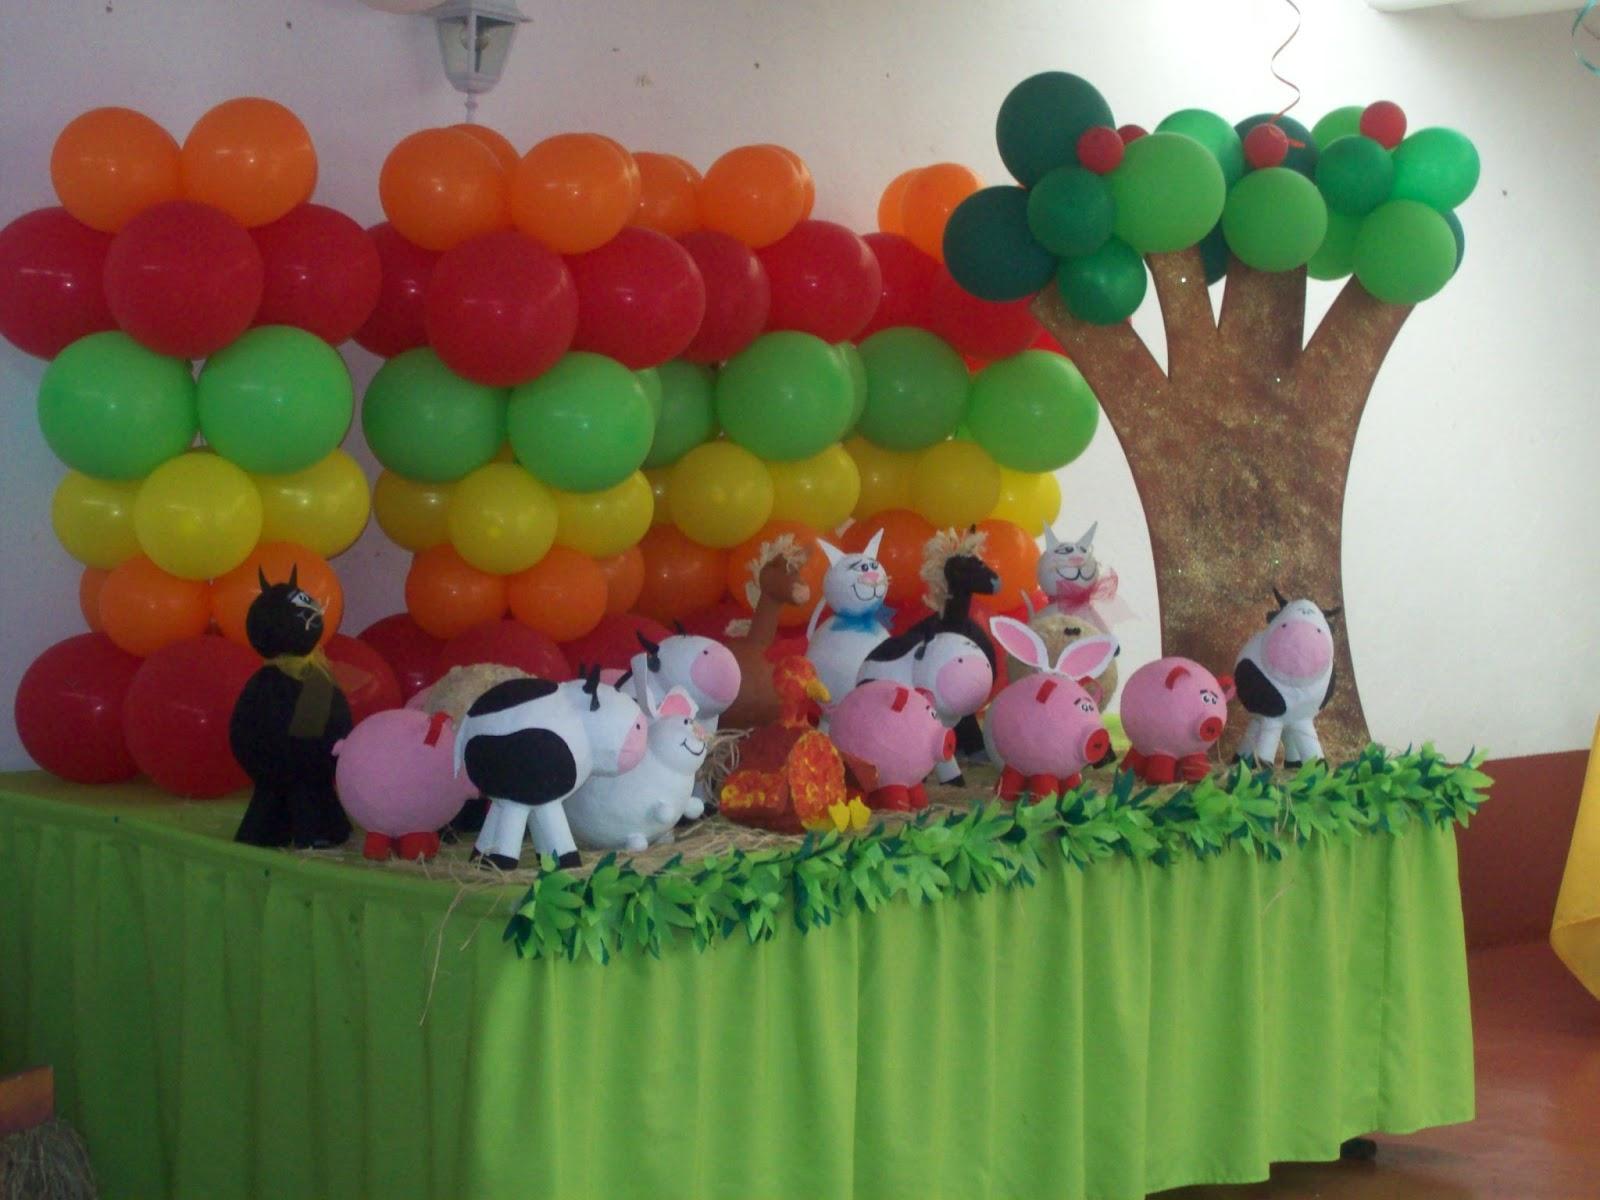 Decoracion Infantil De Granja ~ s?bado, 25 de agosto de 2012